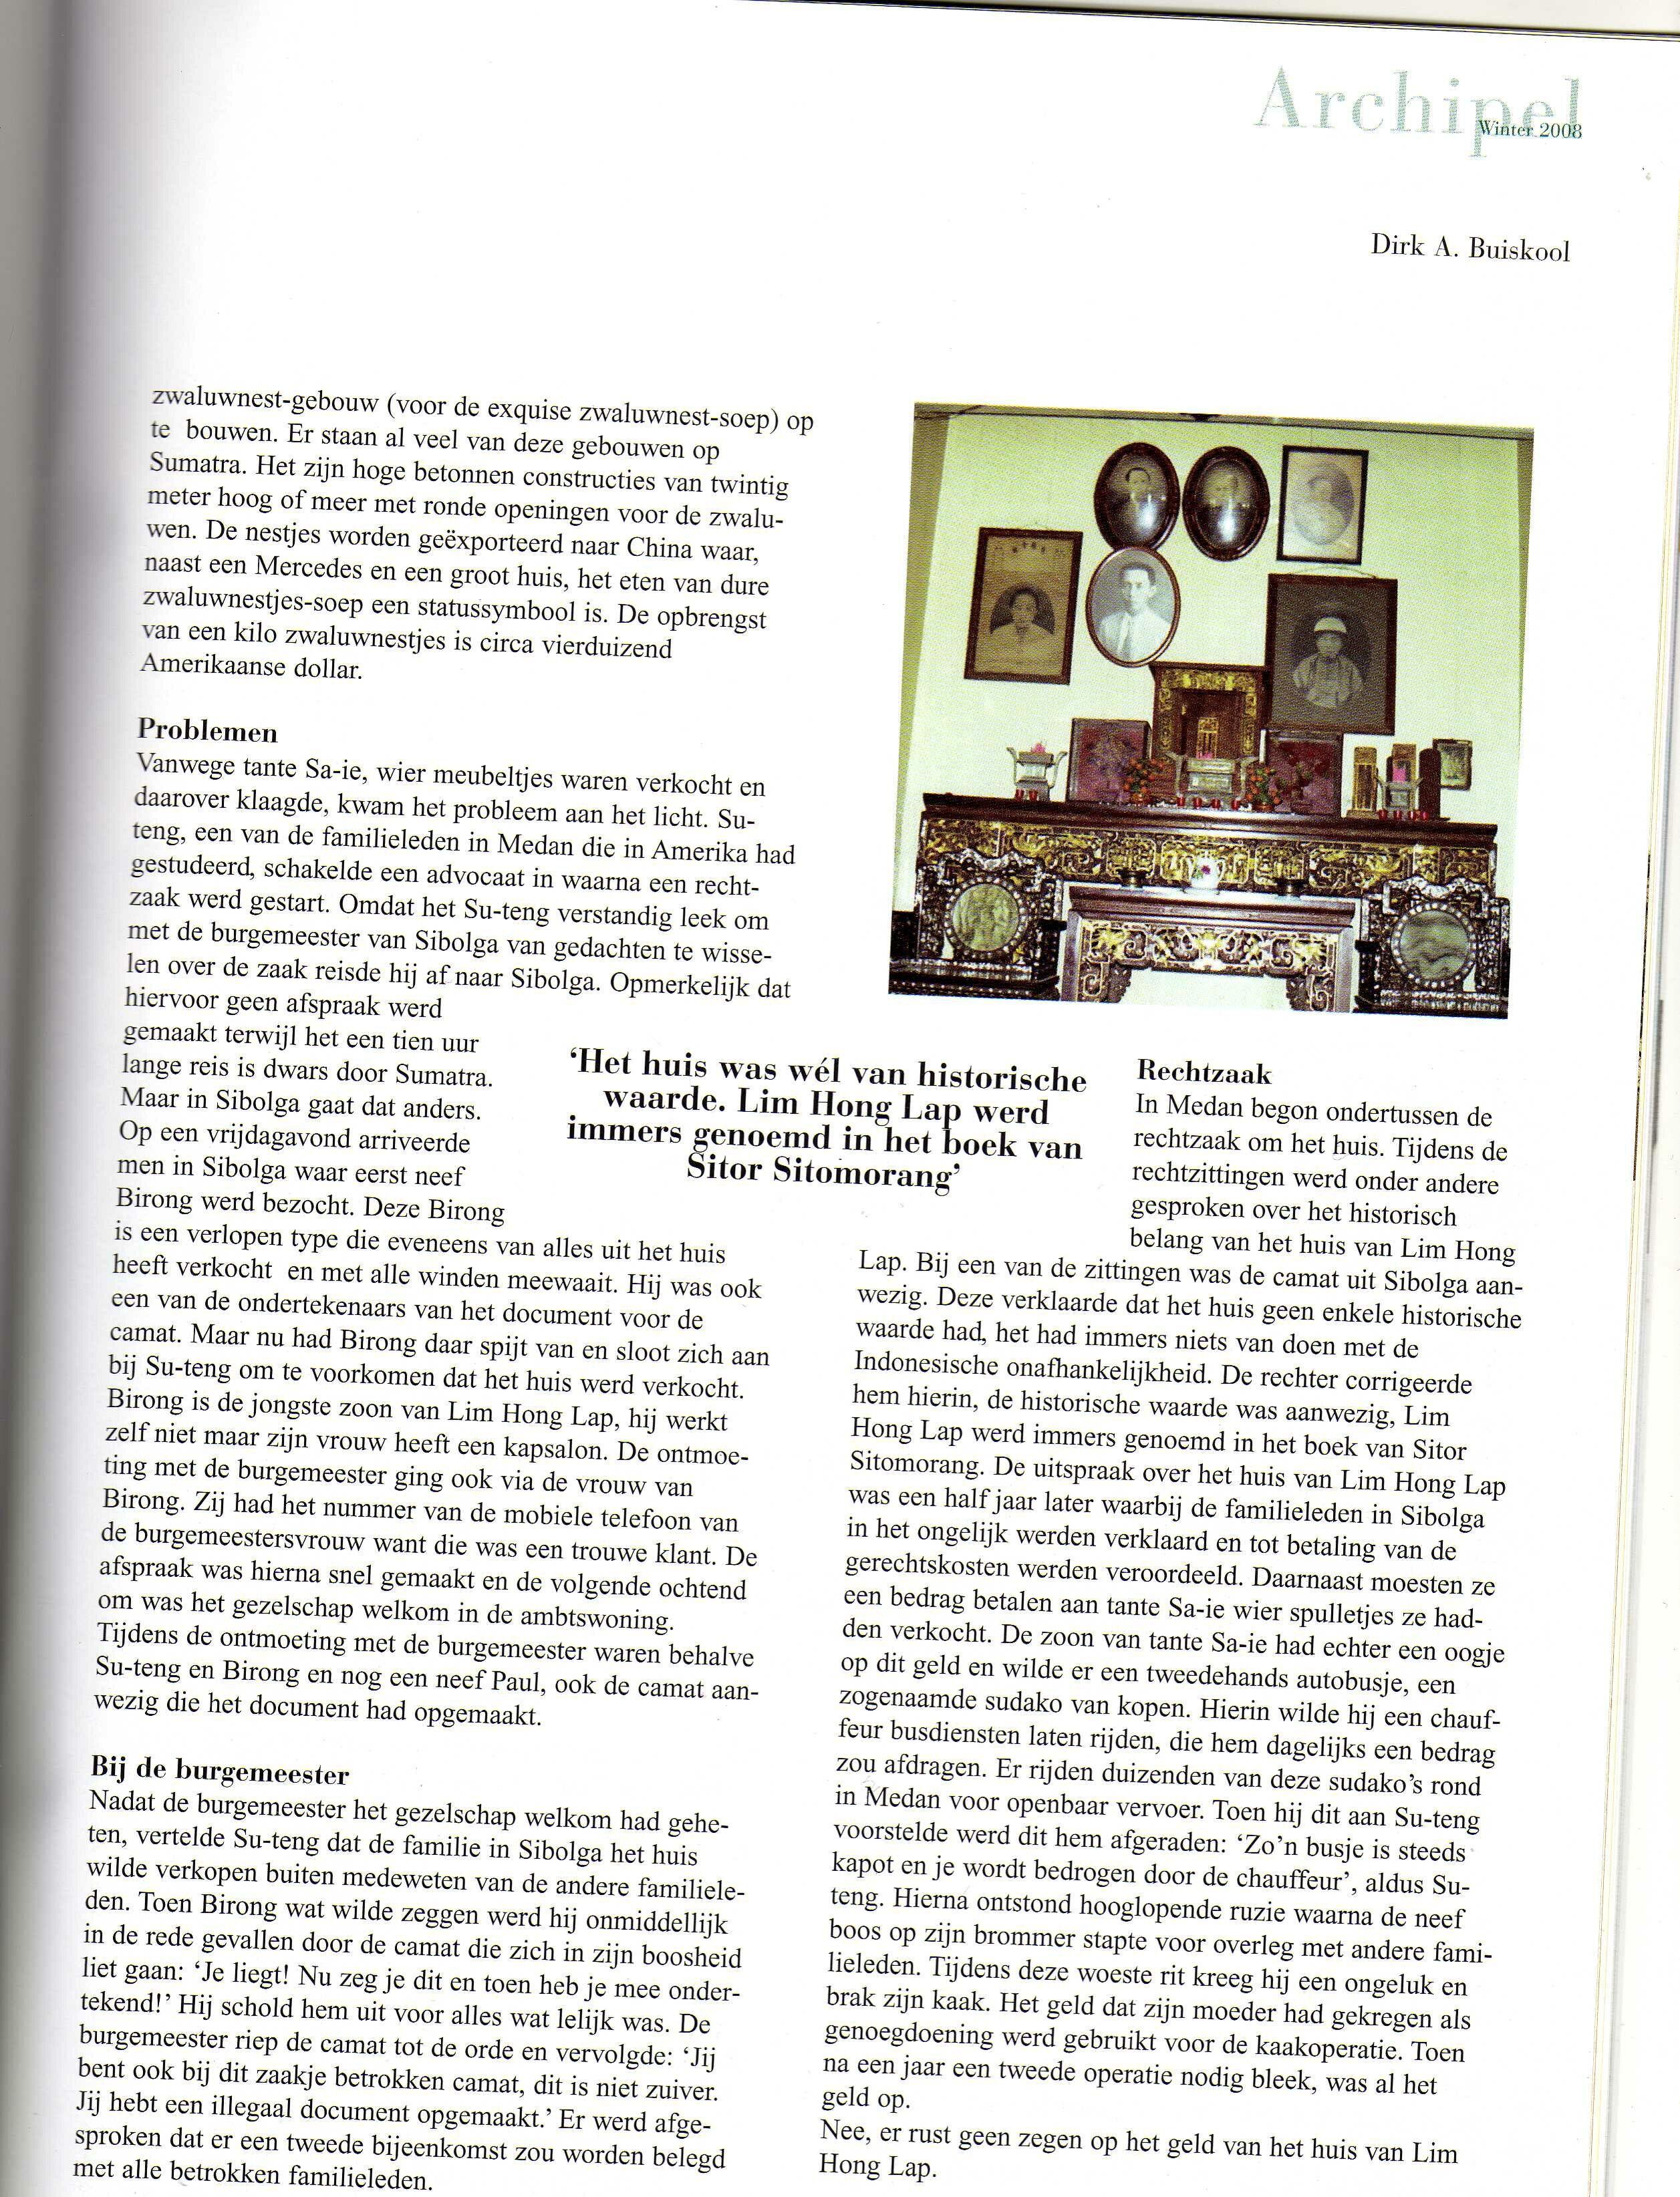 Article House Lim Hong Lap 2 1 - Het Huis van Lim Hong Lap